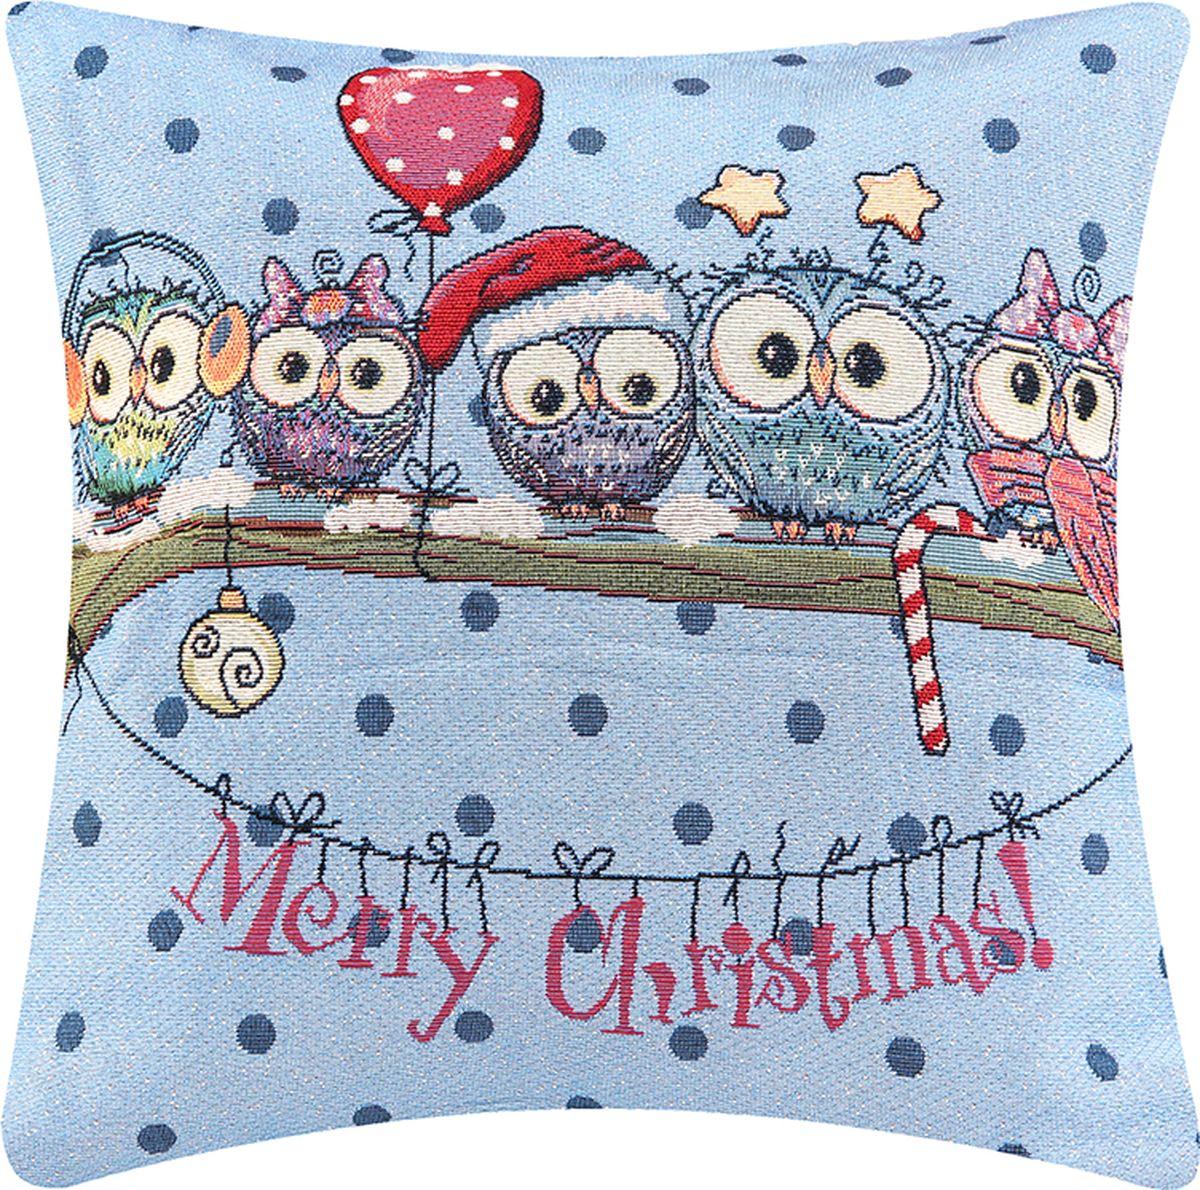 Подушка декоративная EL Casa Совы. Новогоднее настроение, 43 x 43 см подушки декоративные el casa подушка декоративная новогодние совы